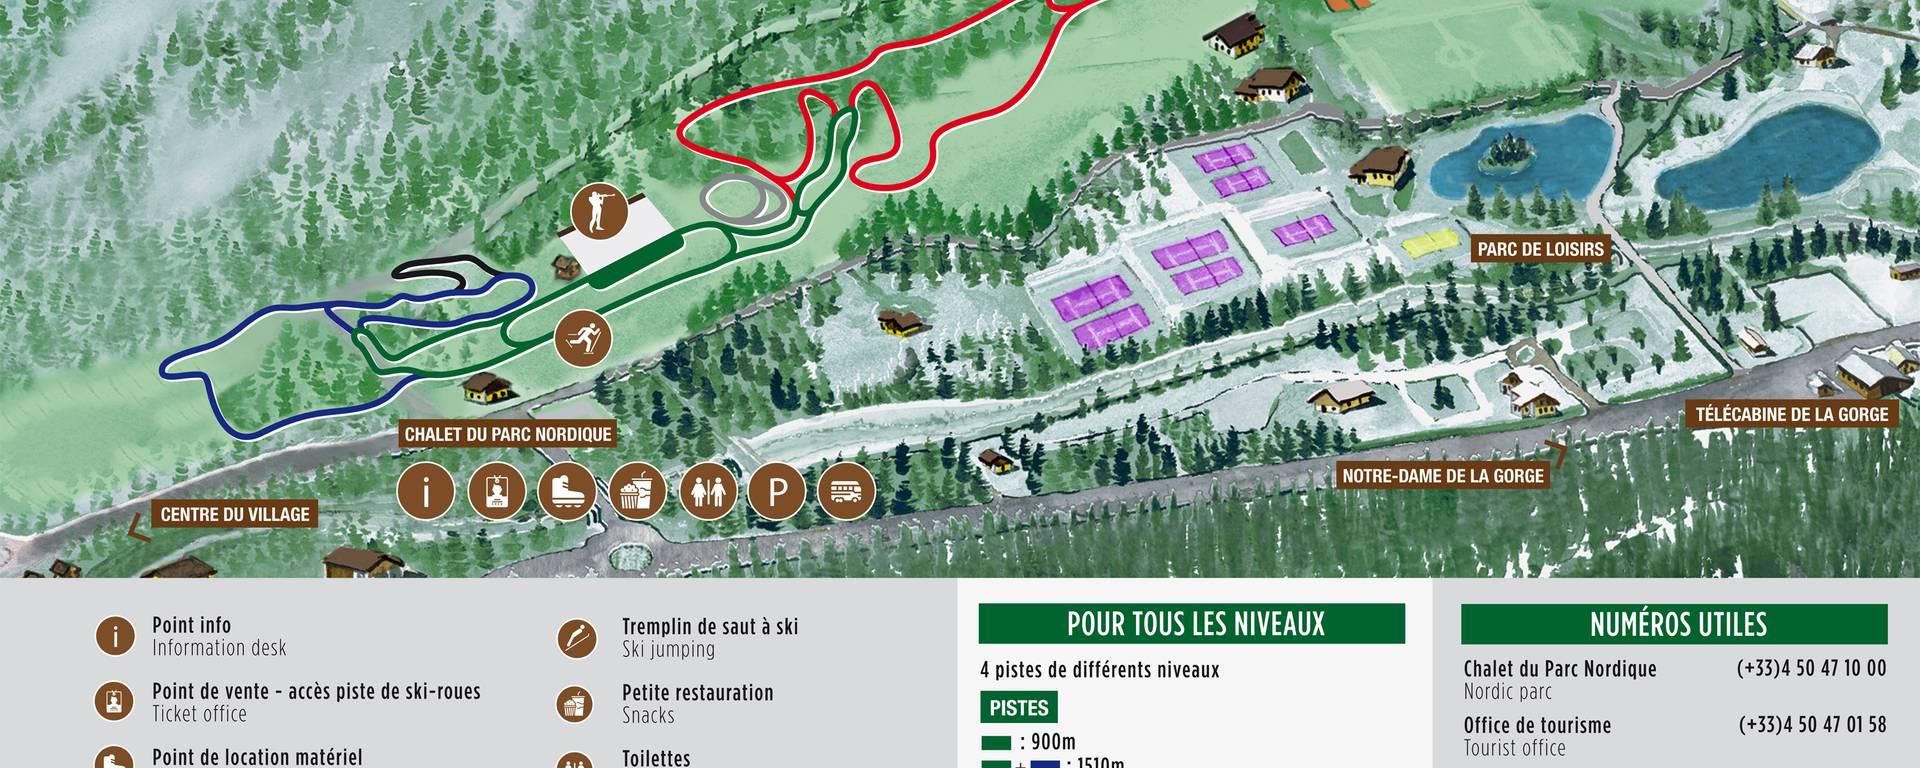 Plan de la piste de ski roues - Les Contamines-Montjoie